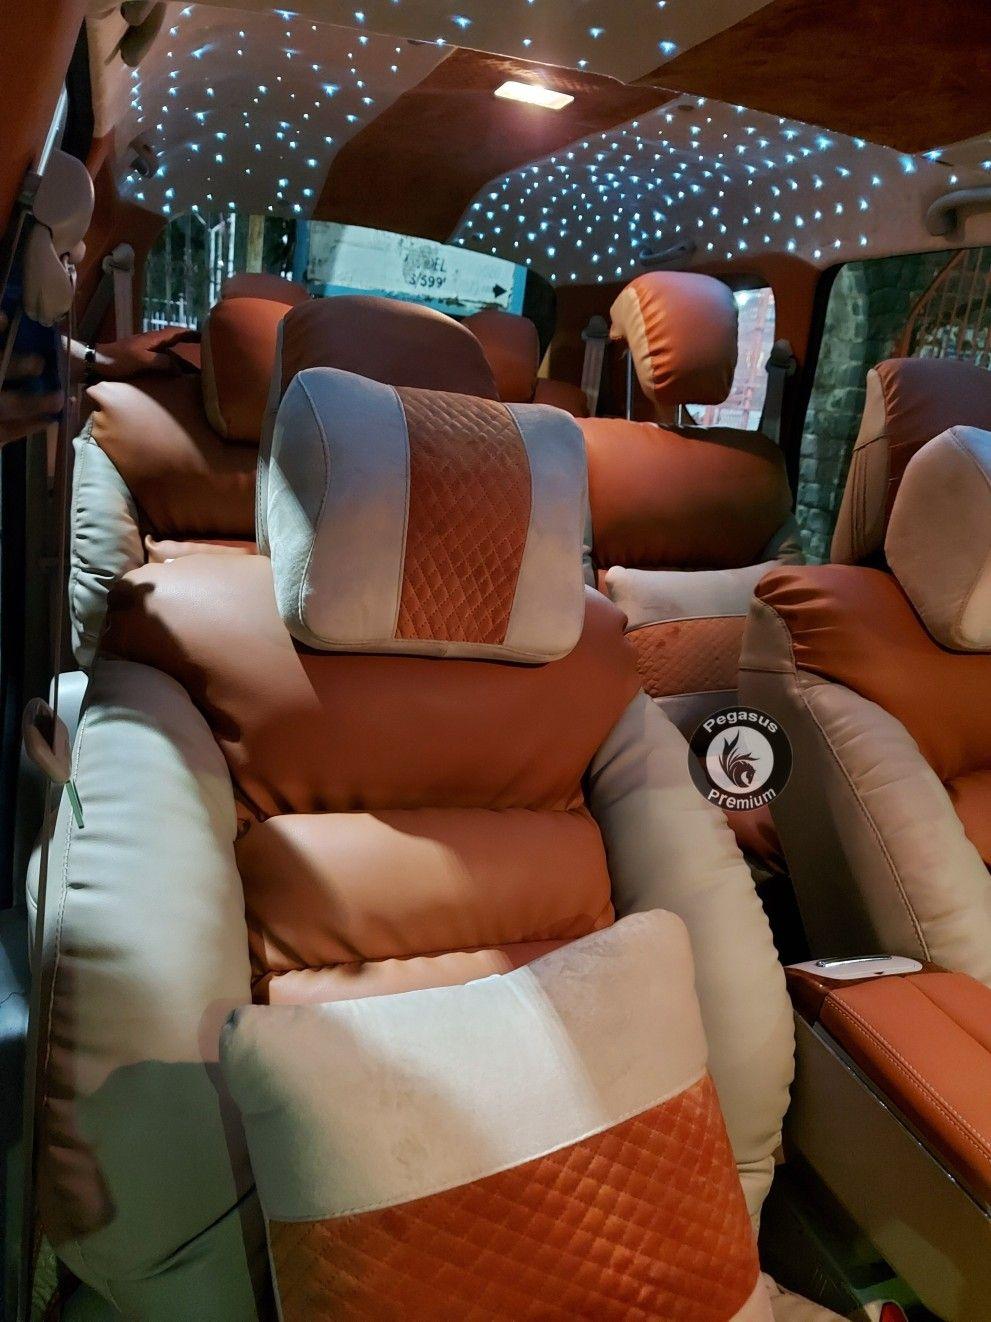 Pin On Pegasus Premium Automotive Interior